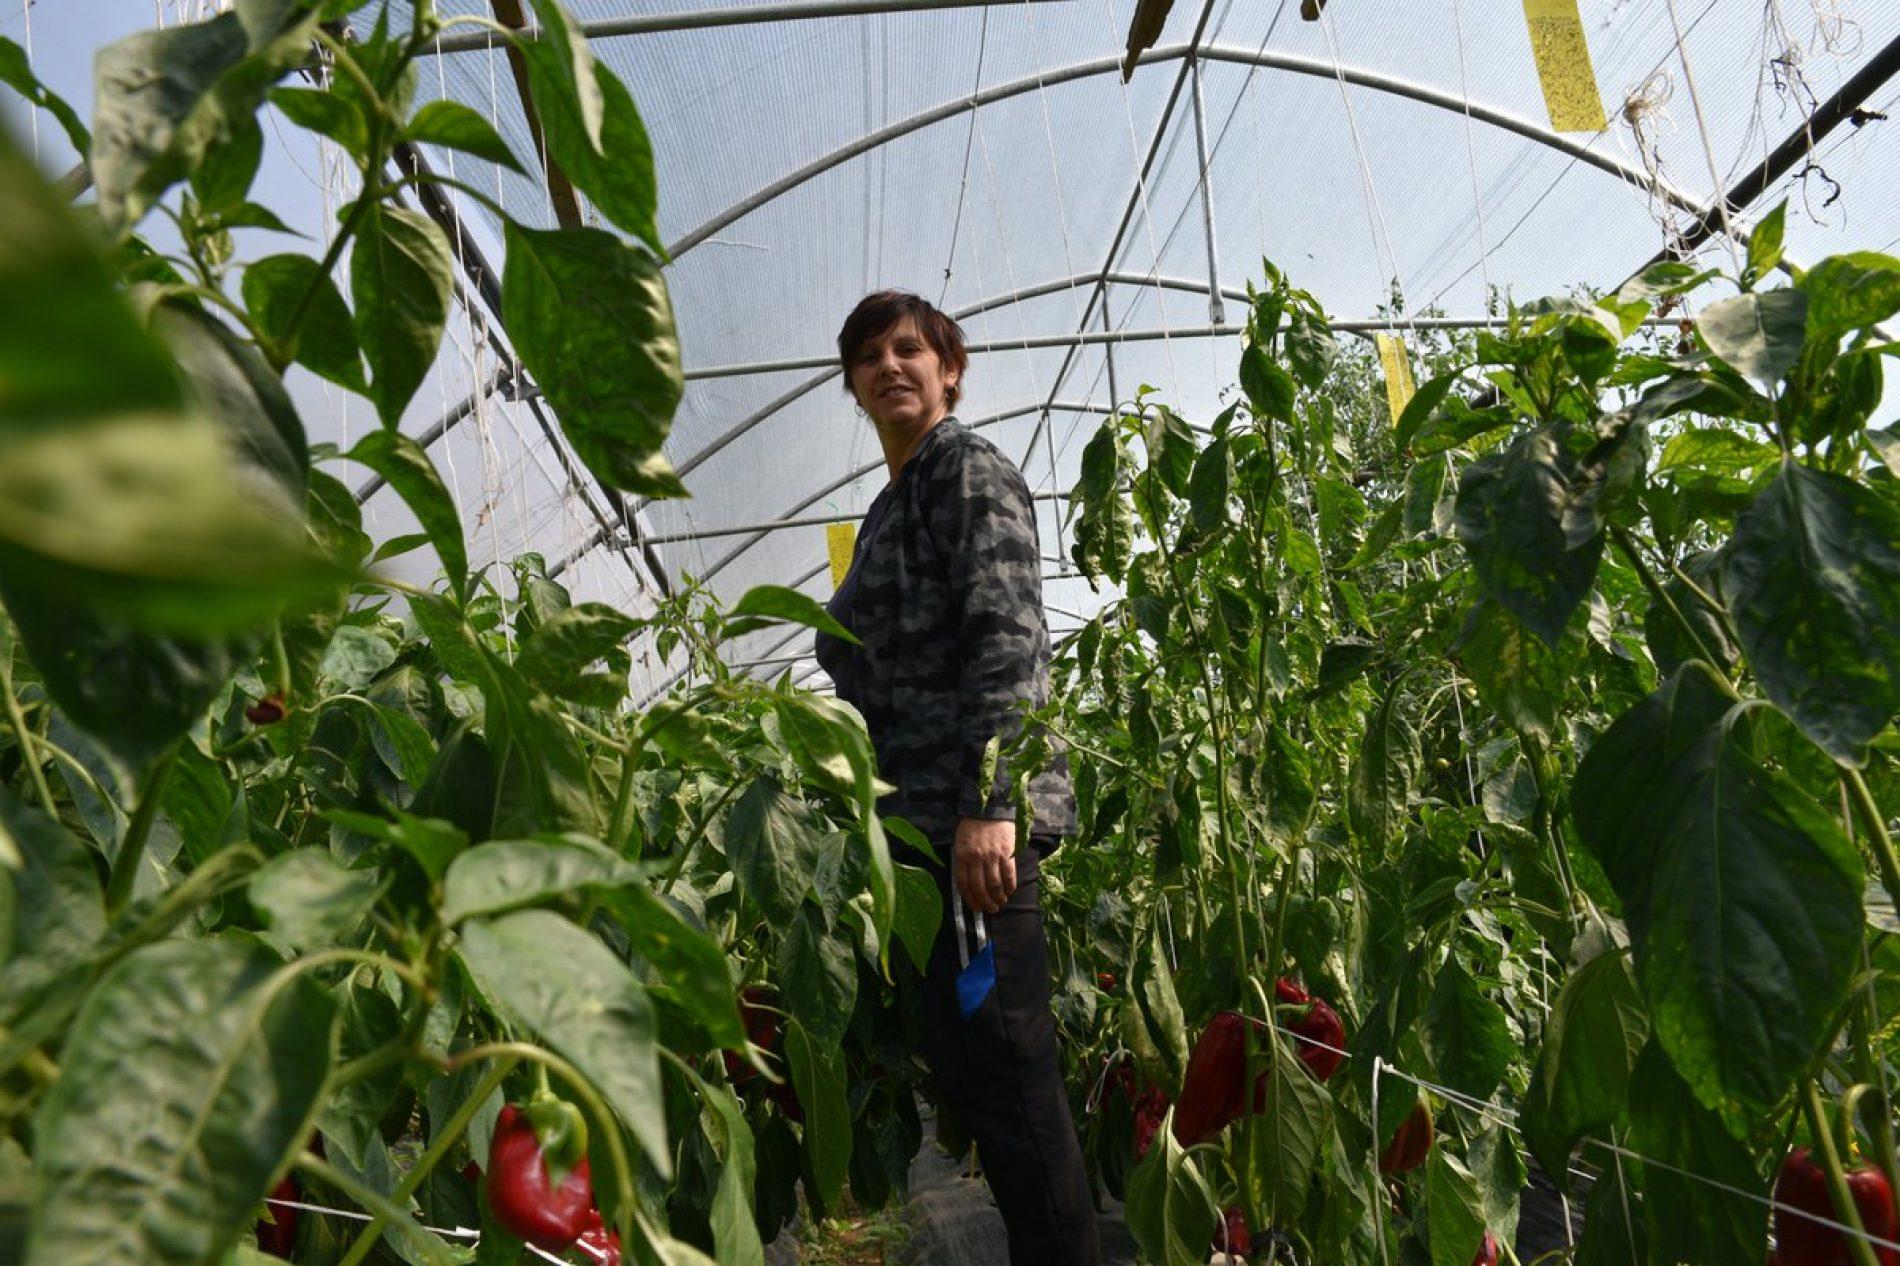 Priprema zimnice: Porodica Kunovac iz Ustikoline ima pune ruke posla